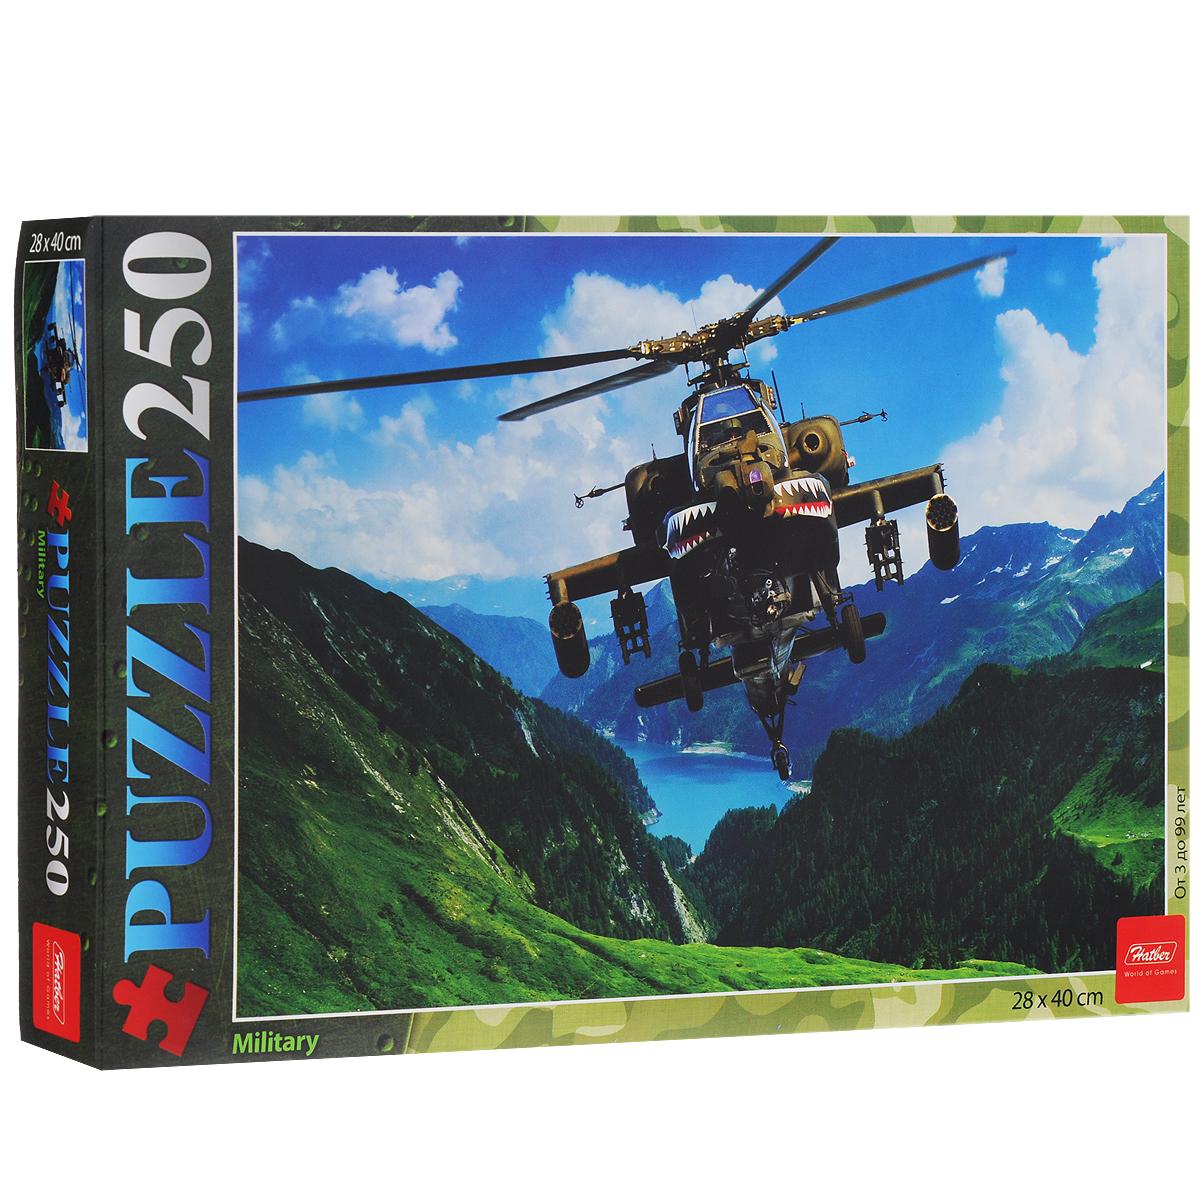 Вертолет в горах. Пазл, 250 элементов250ПЗ3_12412Пазл Вертолет в горах, без сомнения, придется по душе любому. Собрав этот пазл, включающий 250 элементов, вы получите картинку с изображением военного вертолета на фоне красивых гор и реки. Пазлы - замечательная игра для всей семьи. Сегодня собирание пазлов стало особенно популярным, главным образом, благодаря своей многообразной тематике, способной удовлетворить самый взыскательный вкус. Собирание пазла развивает у детей мелкую моторику рук, тренирует наблюдательность, логическое и образное мышление, знакомит с окружающим миром, с цветом и разнообразными формами, учит усидчивости и терпению, аккуратности и вниманию. Получившееся яркое изображение станет отличным украшением вашего интерьера.